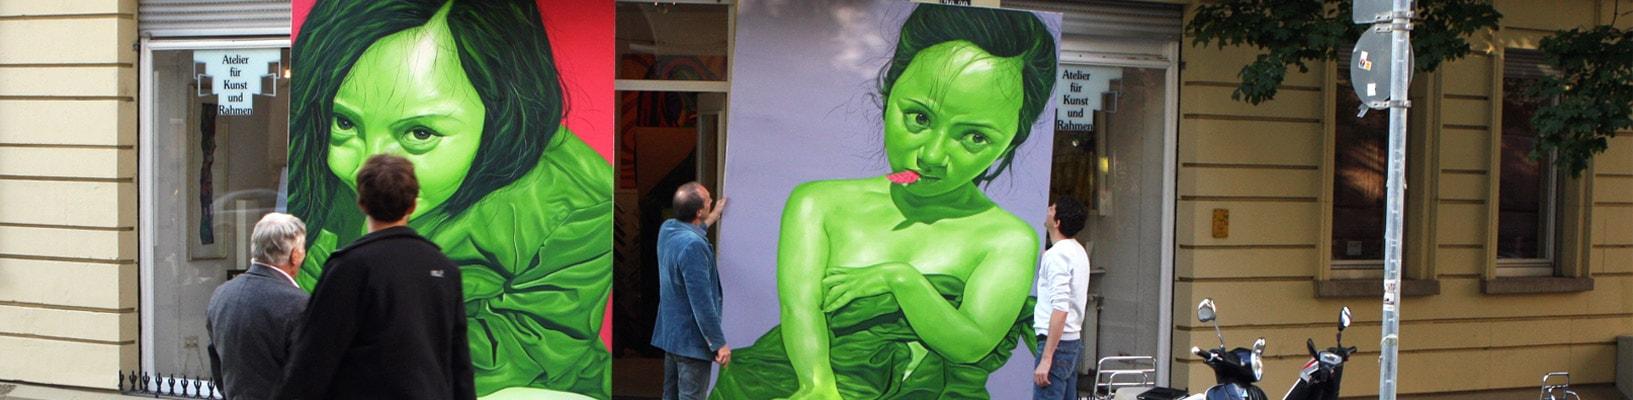 Anlieferung von Großportraits einer Kunstaktion bei AKRS in Stuttgart